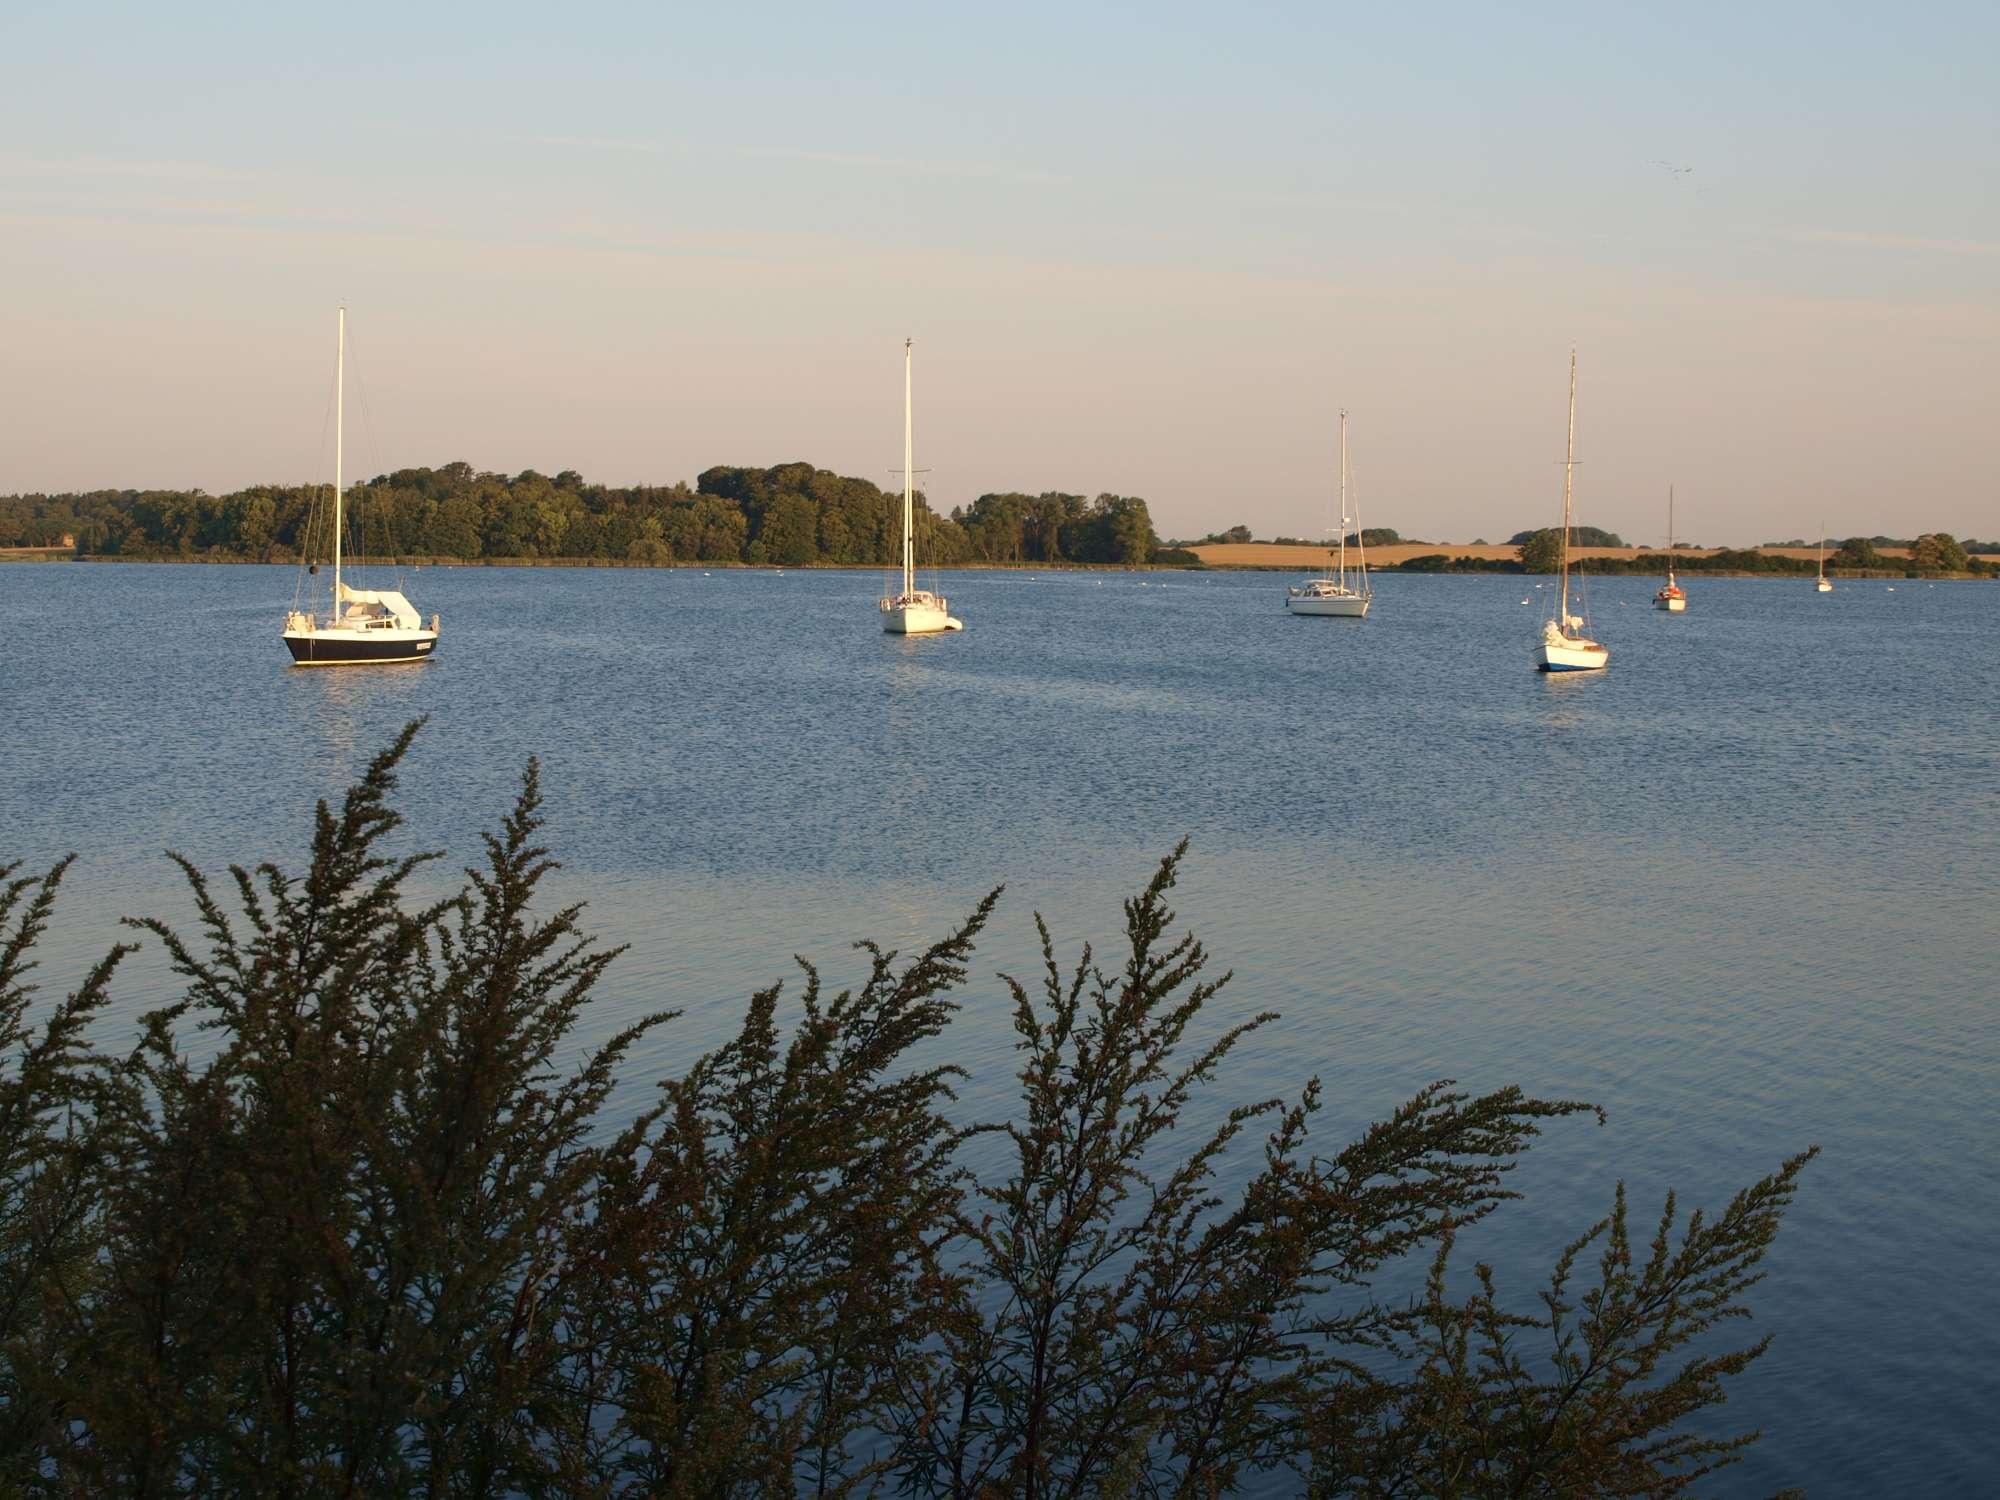 Urlaub an Ostsee und Schlei - Ankern im Noor bei Arnis